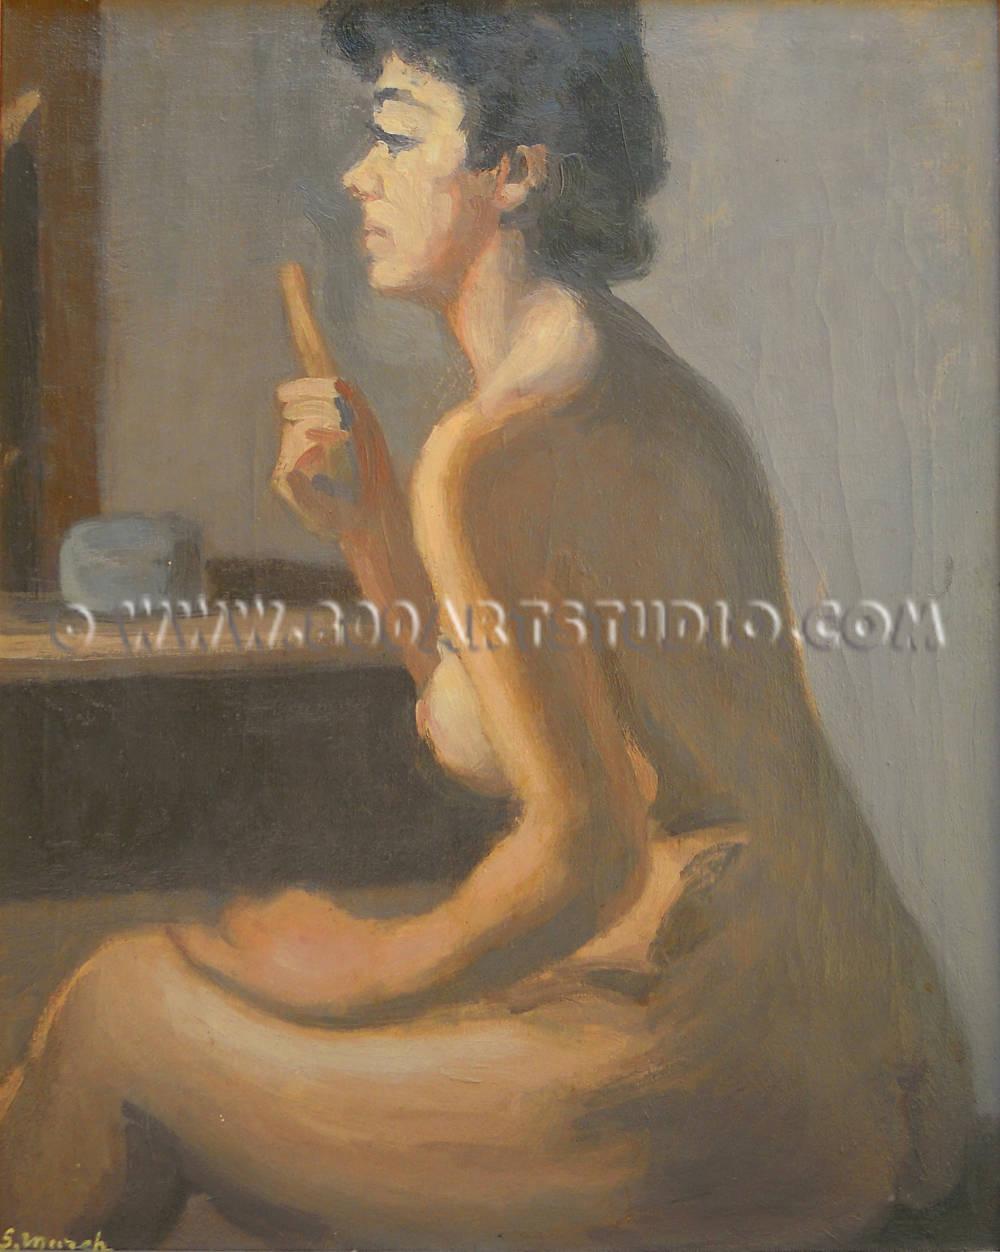 Giovanni March - Nudo